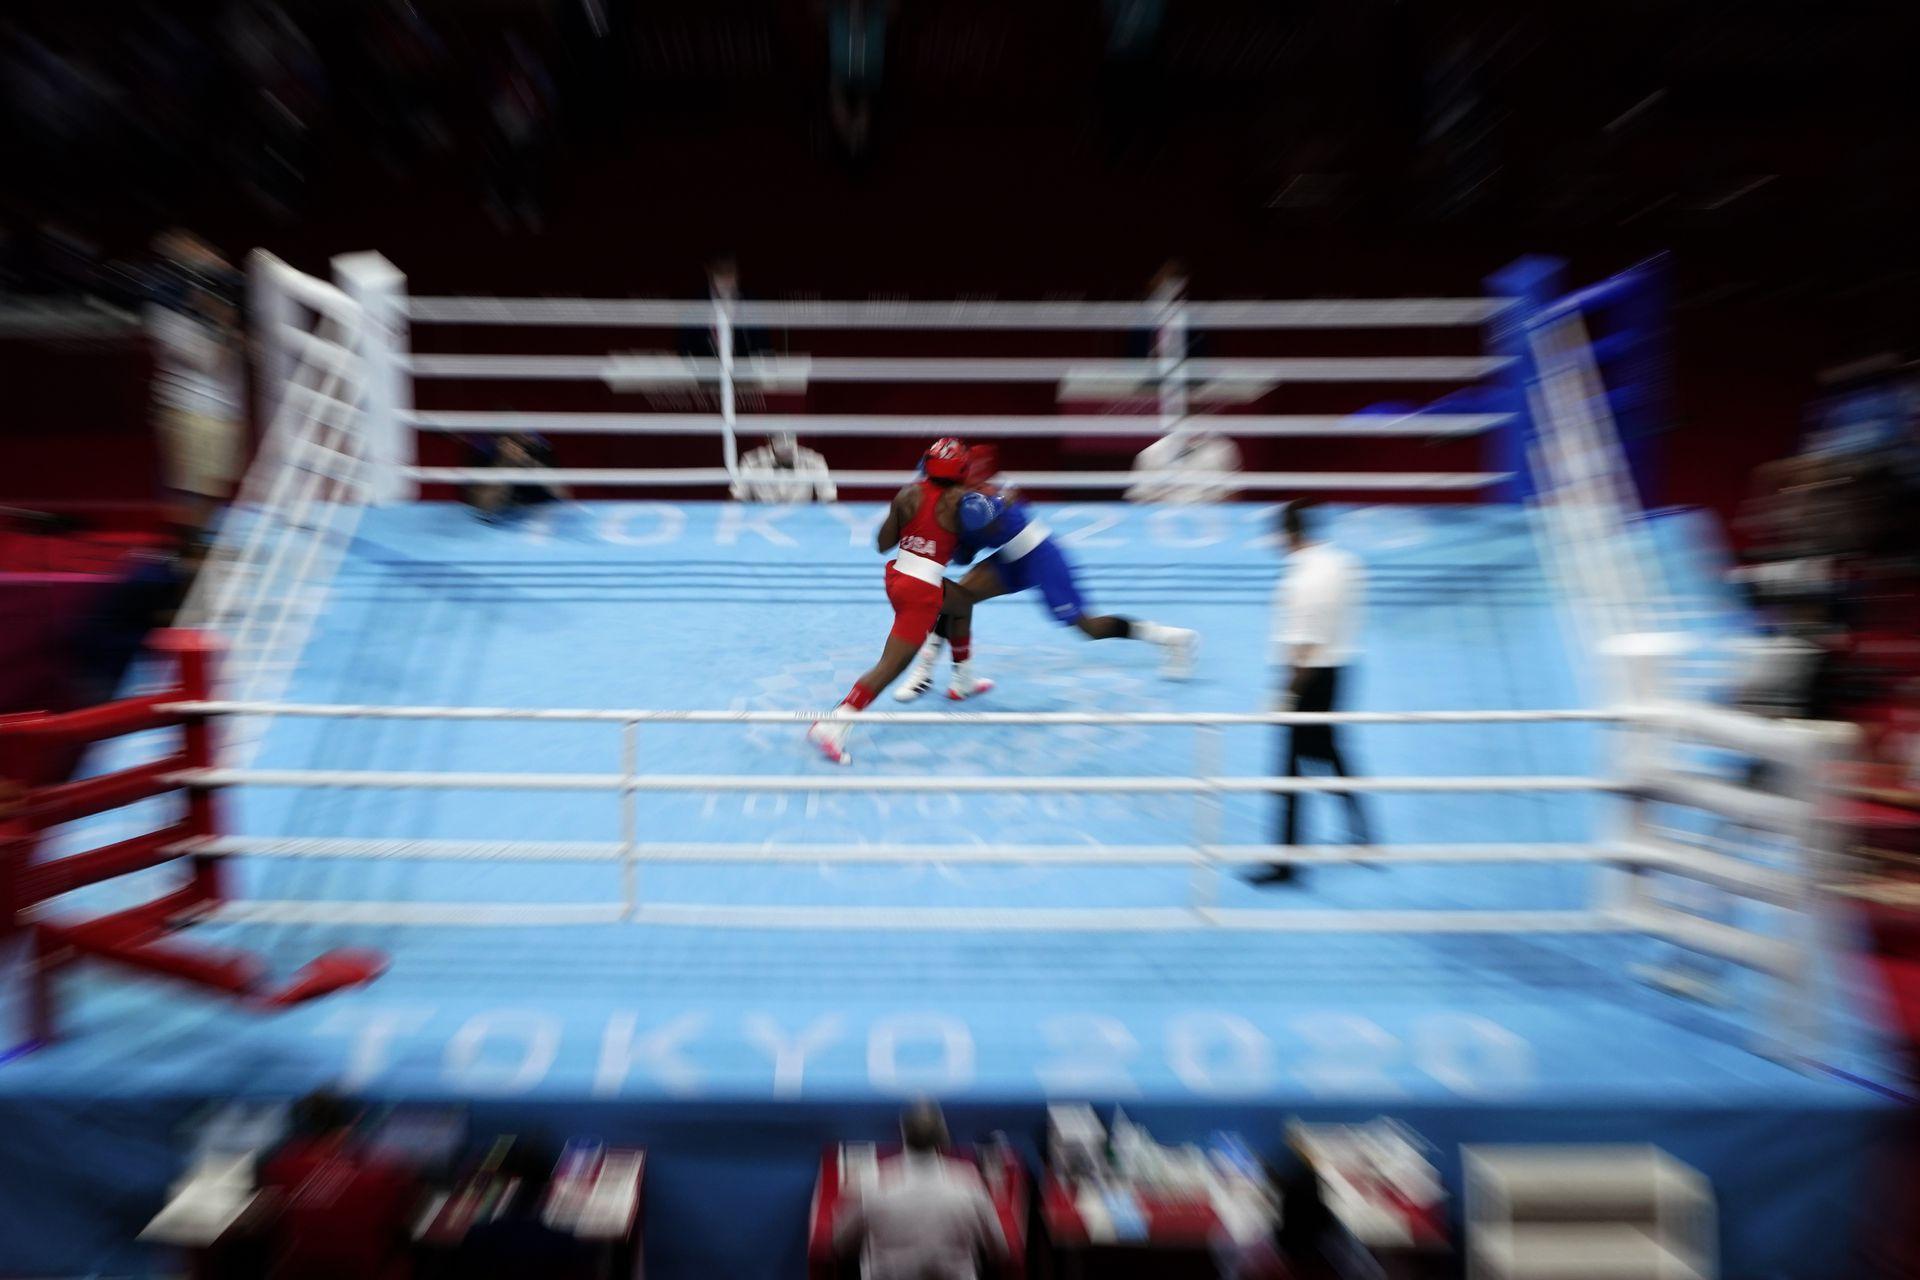 Rashida Ellis, de Estados Unidos, izquierda, y Caroline Dubois, de Gran Bretaña, compiten durante su combate de boxeo preliminar de 60 kg de peso ligero femenino.